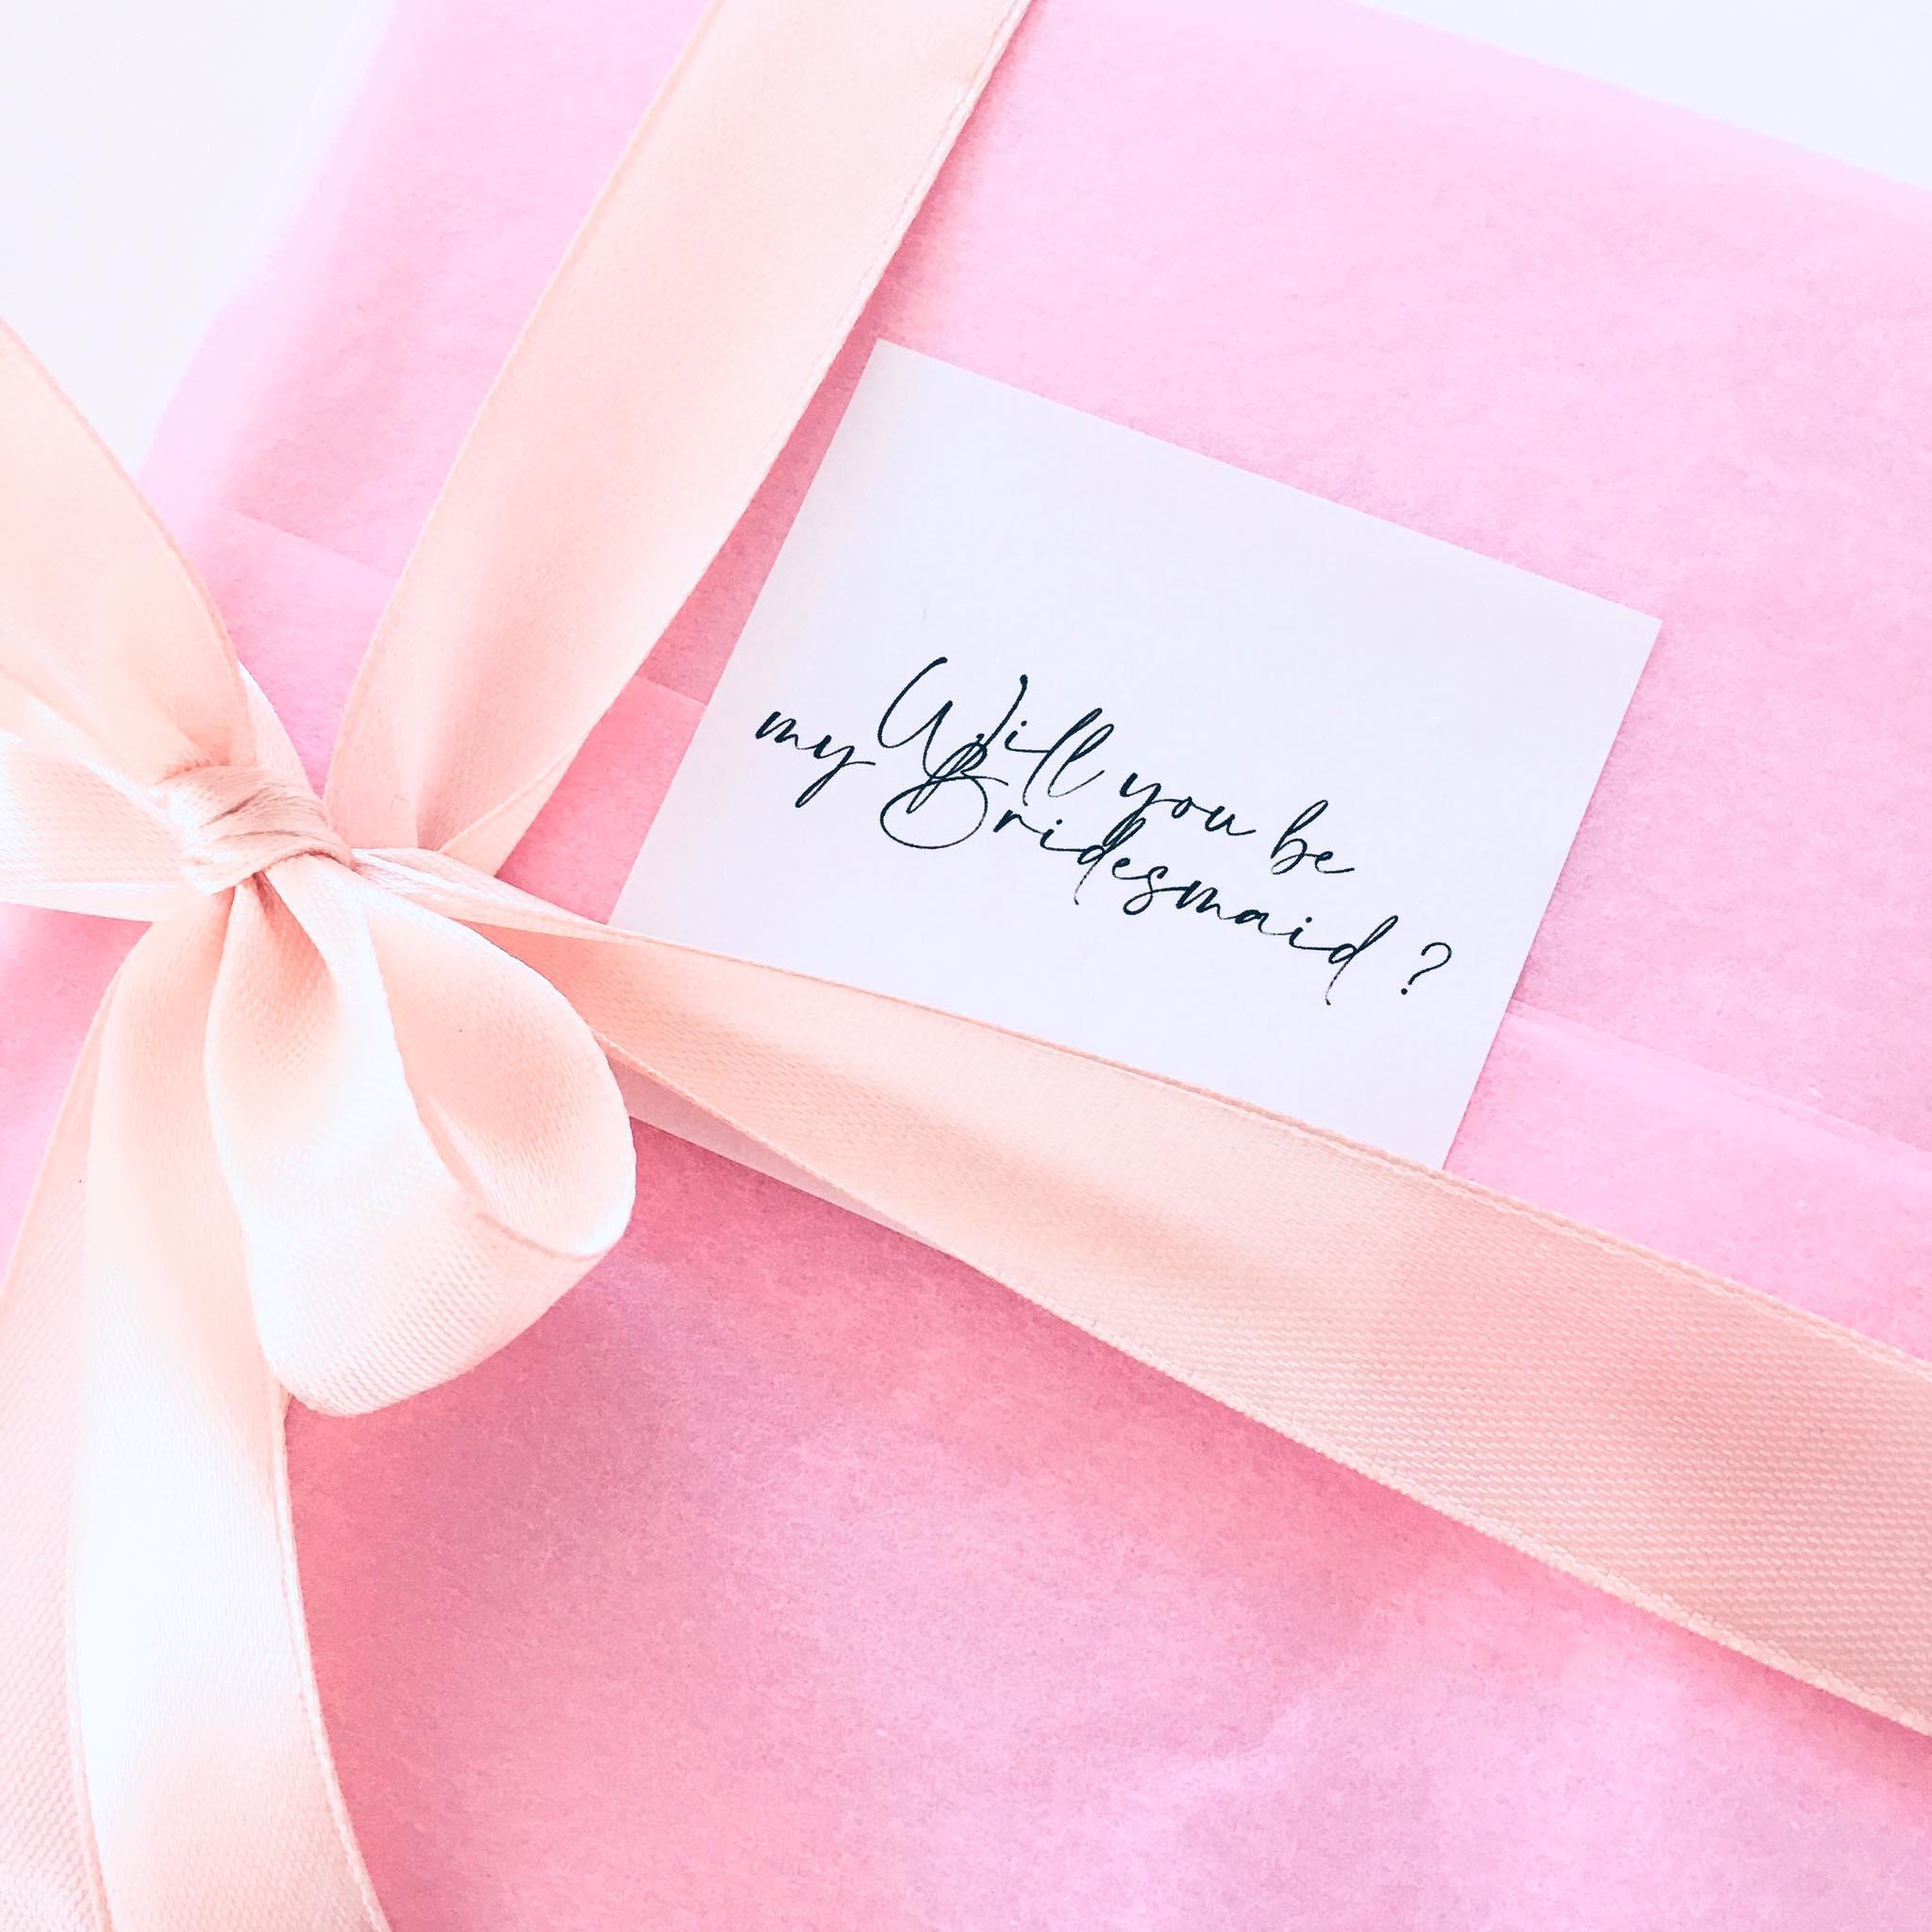 Bridesmaid-geschenk127MsjLfstkZ8